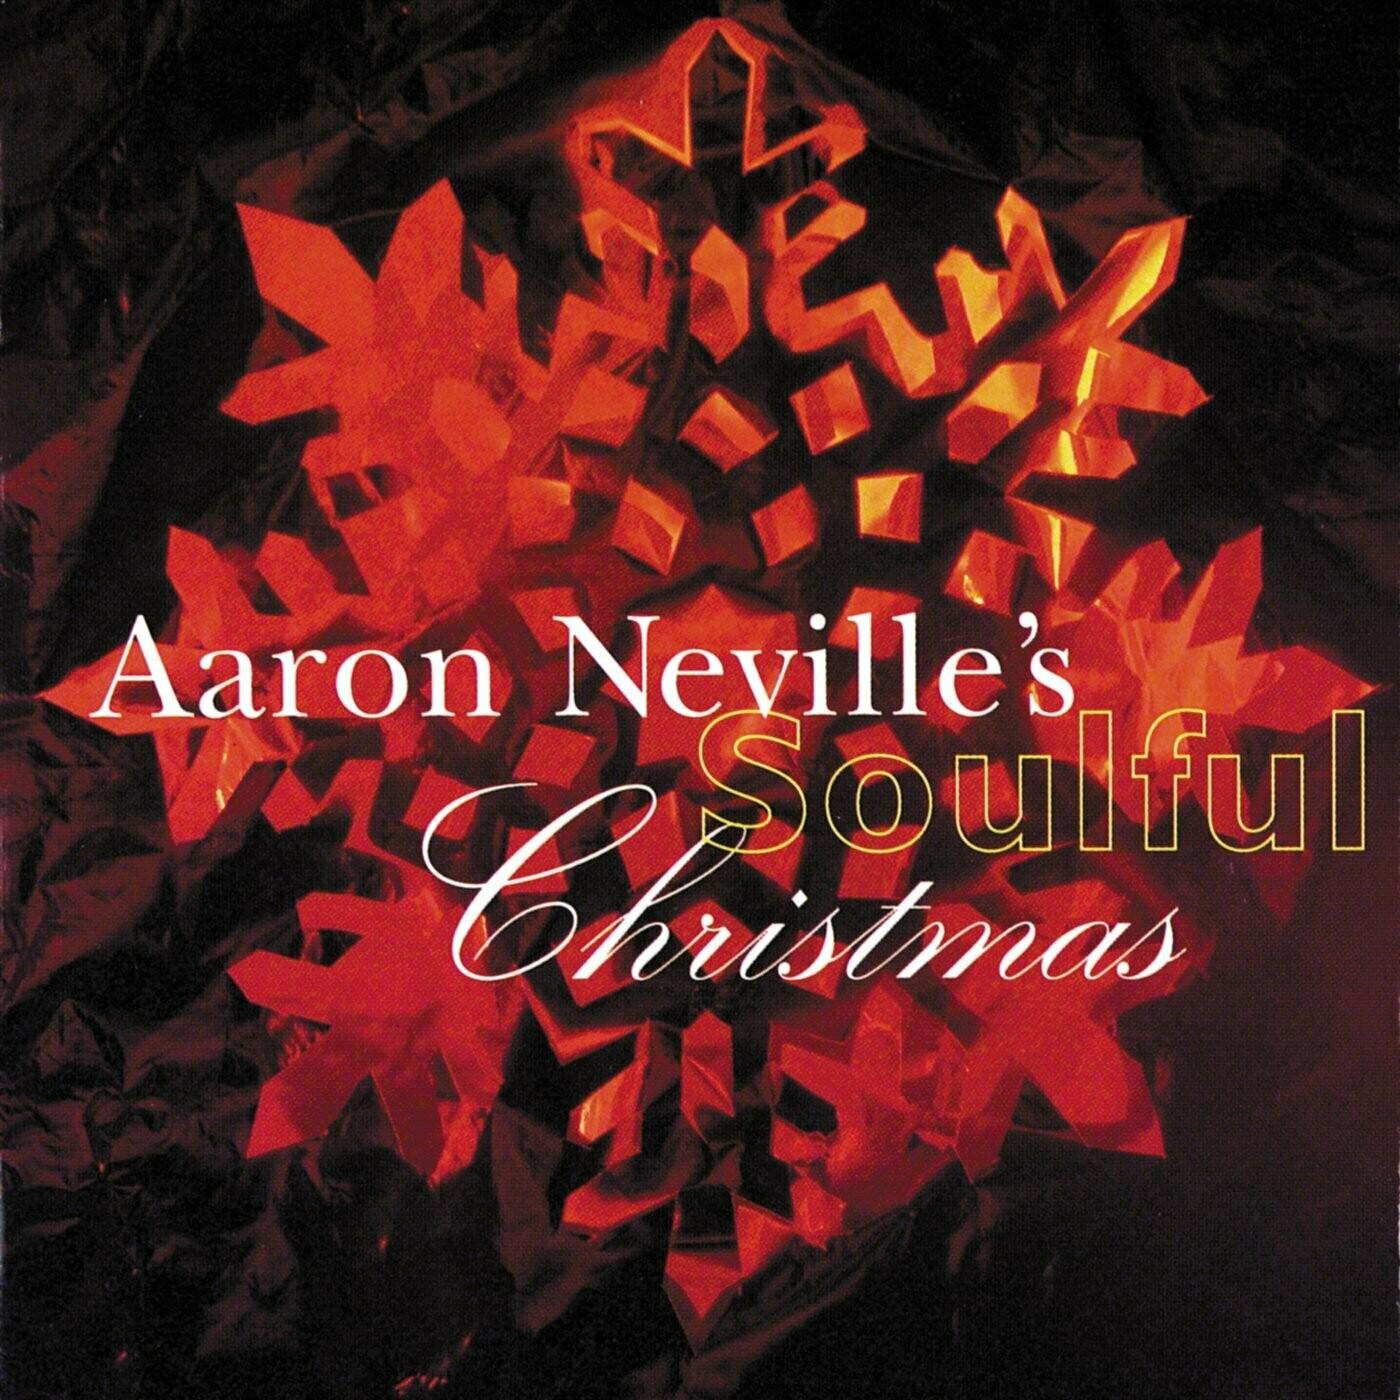 """Aaron Neville """"Aaron Neville's Soulful Christmas"""" *CD* 1993"""